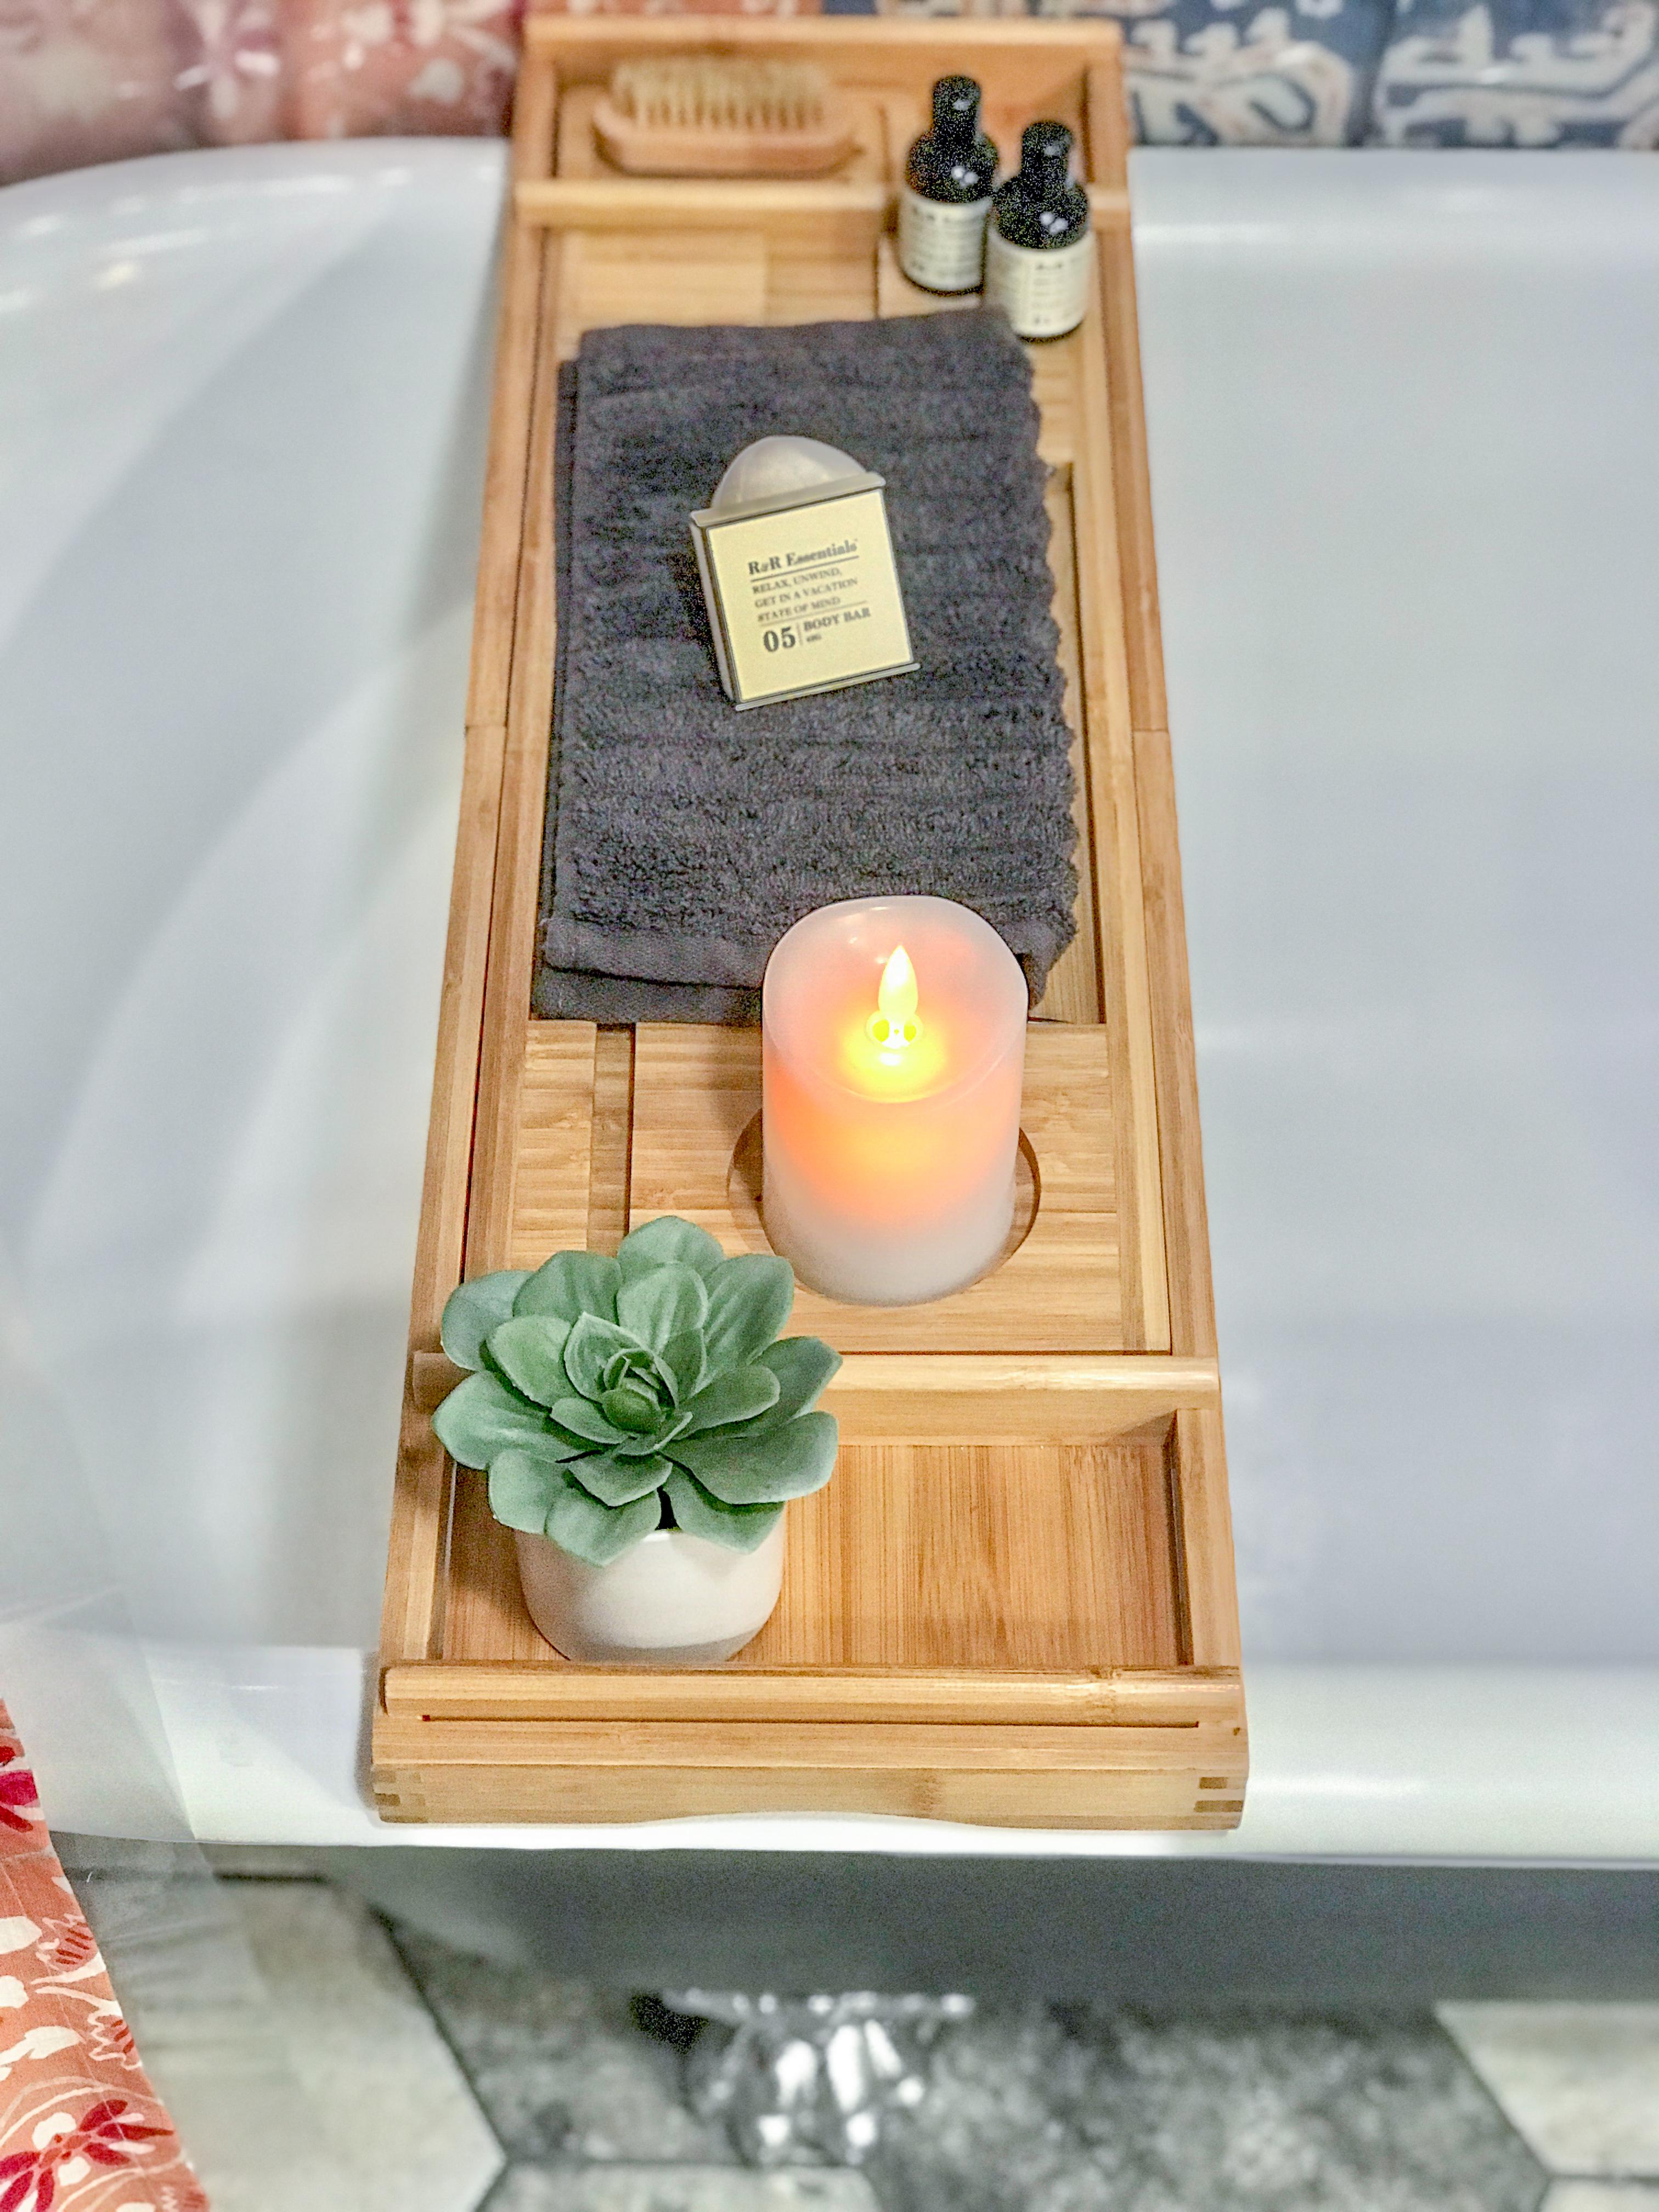 clawfoot tub bath tray